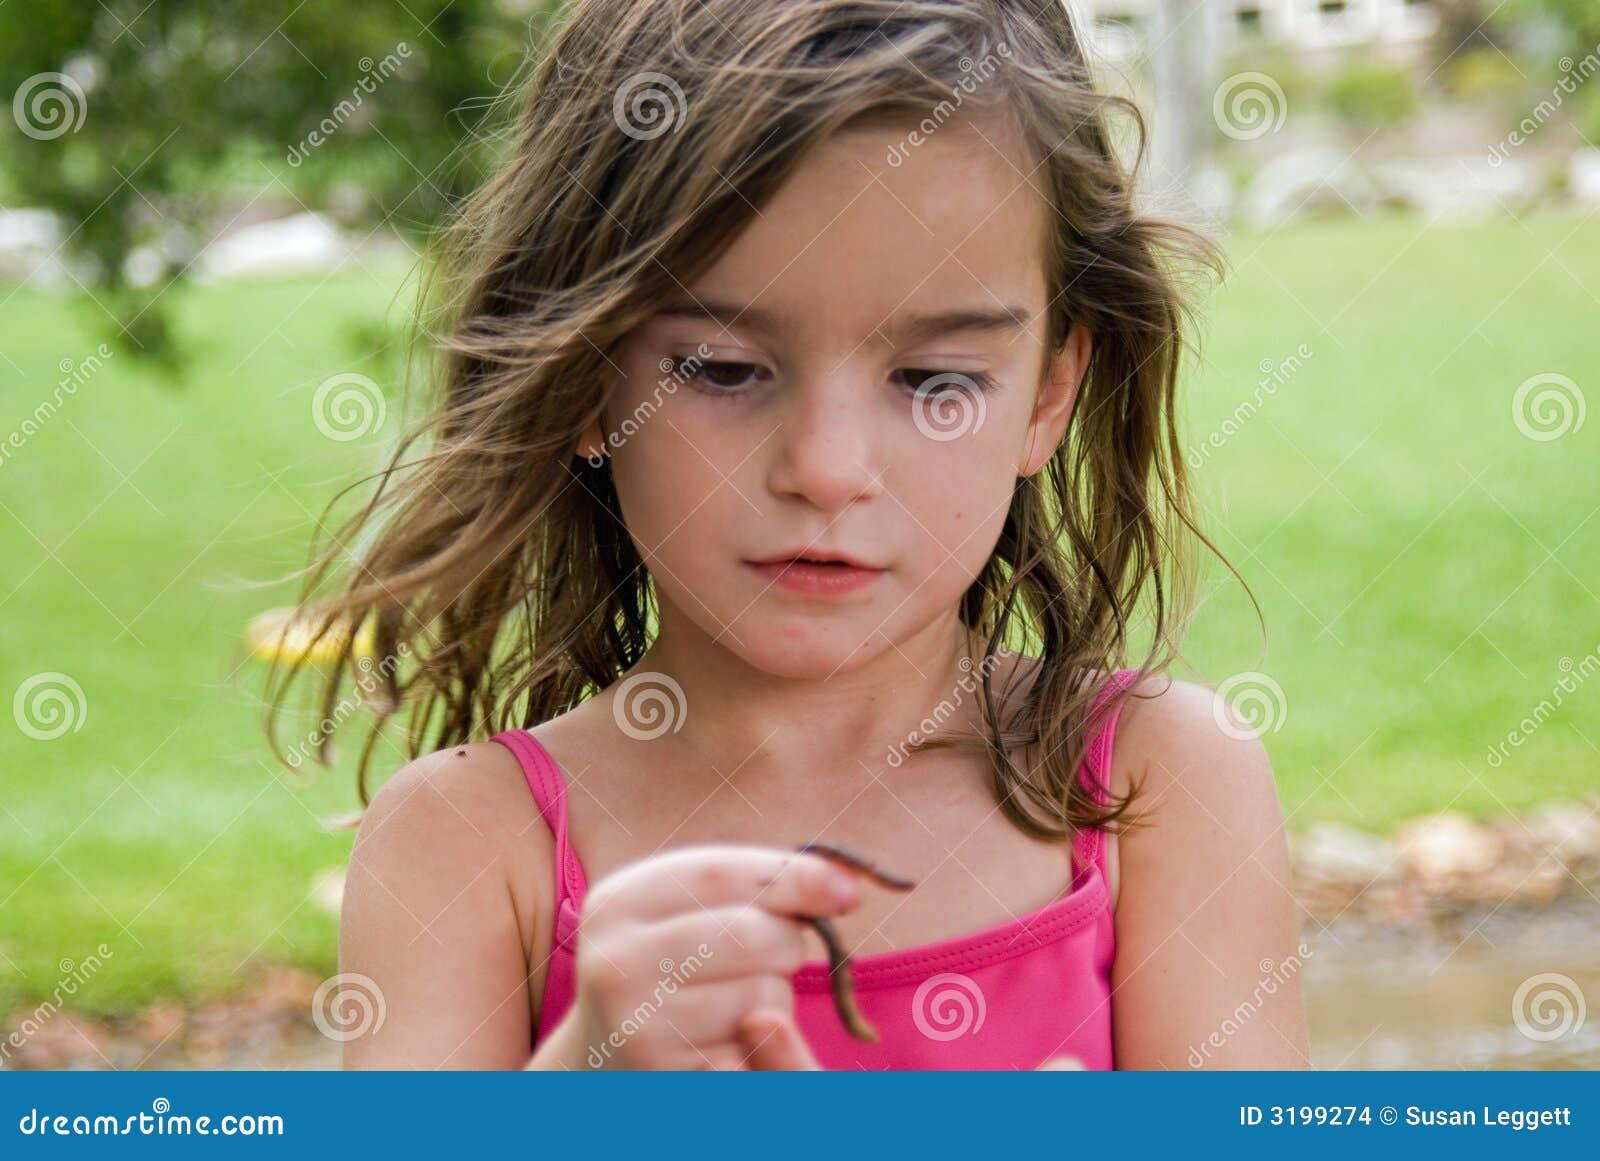 Att se för flicka avmaskar